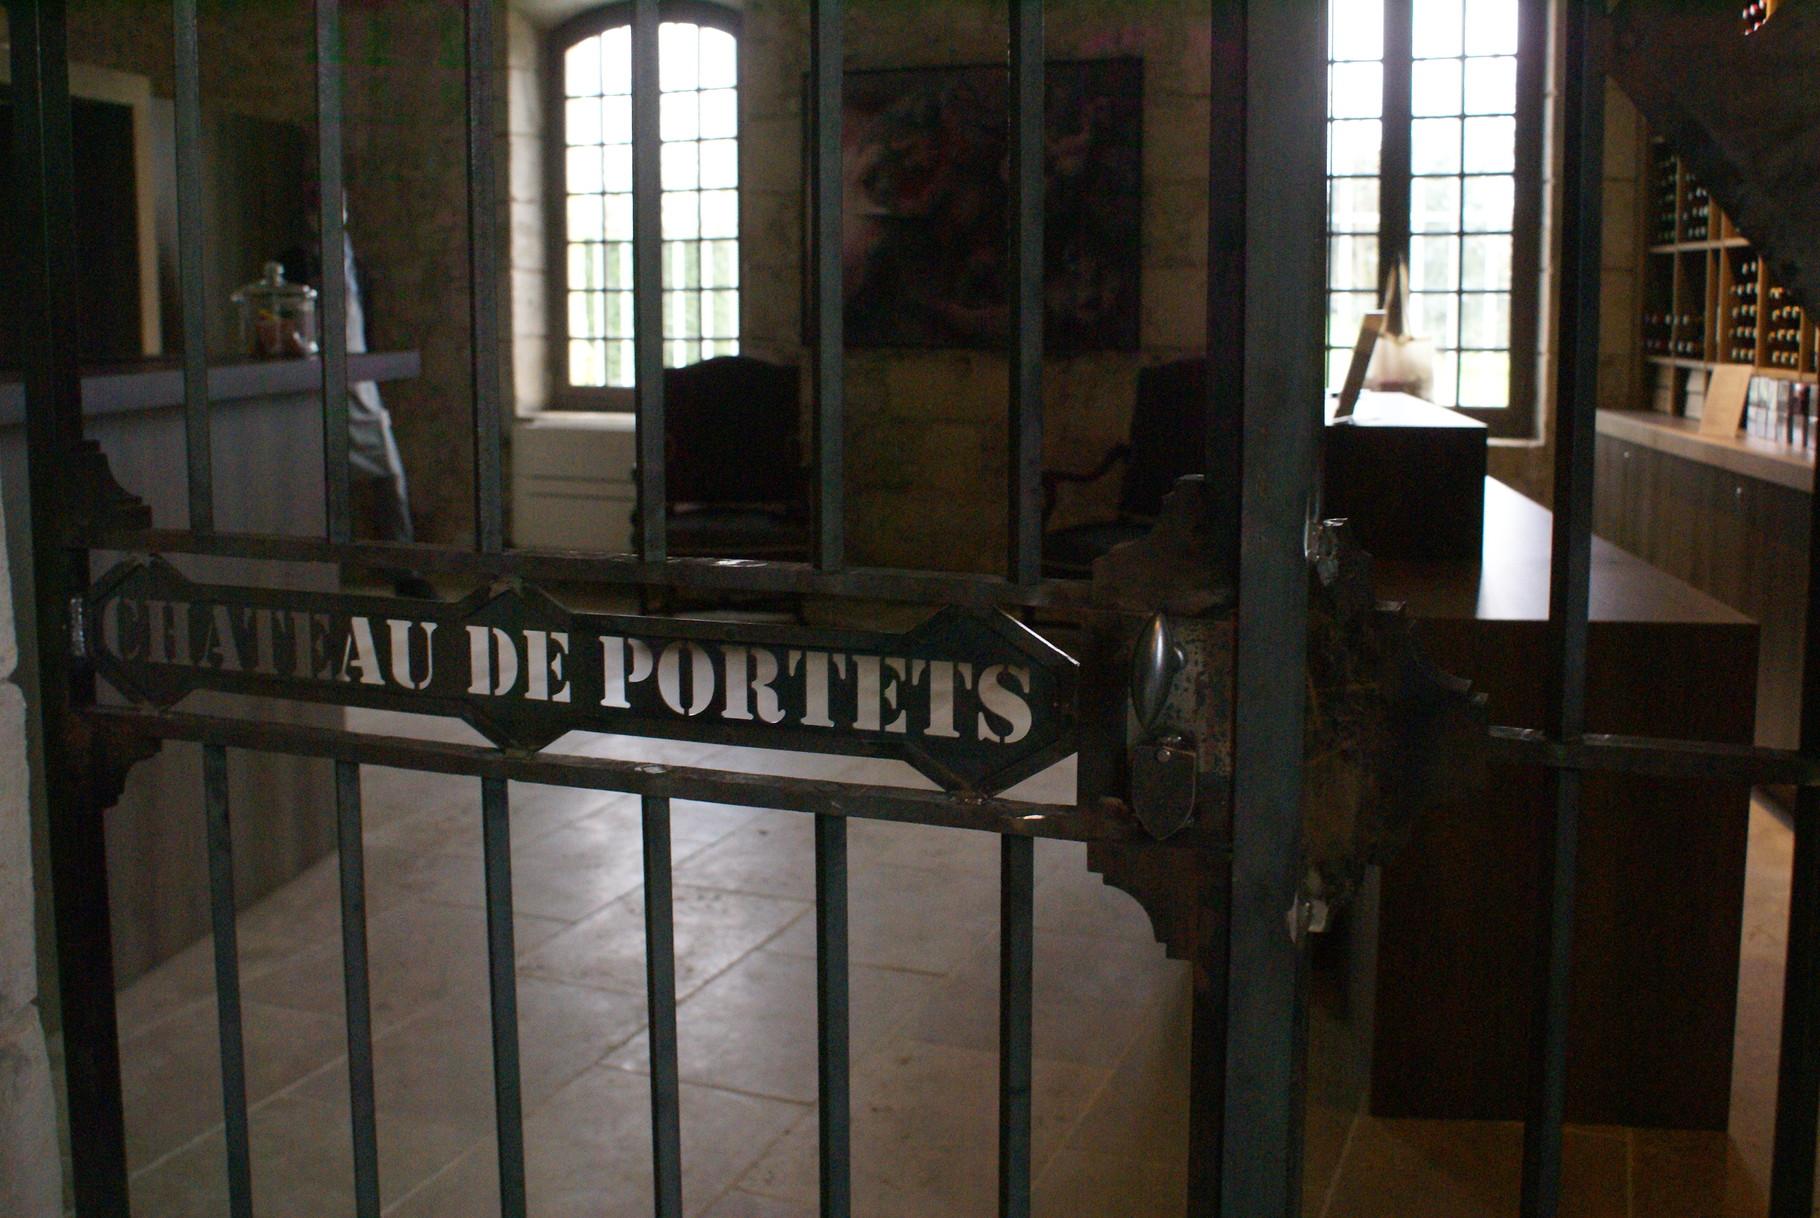 L'entrée du Château de Portets